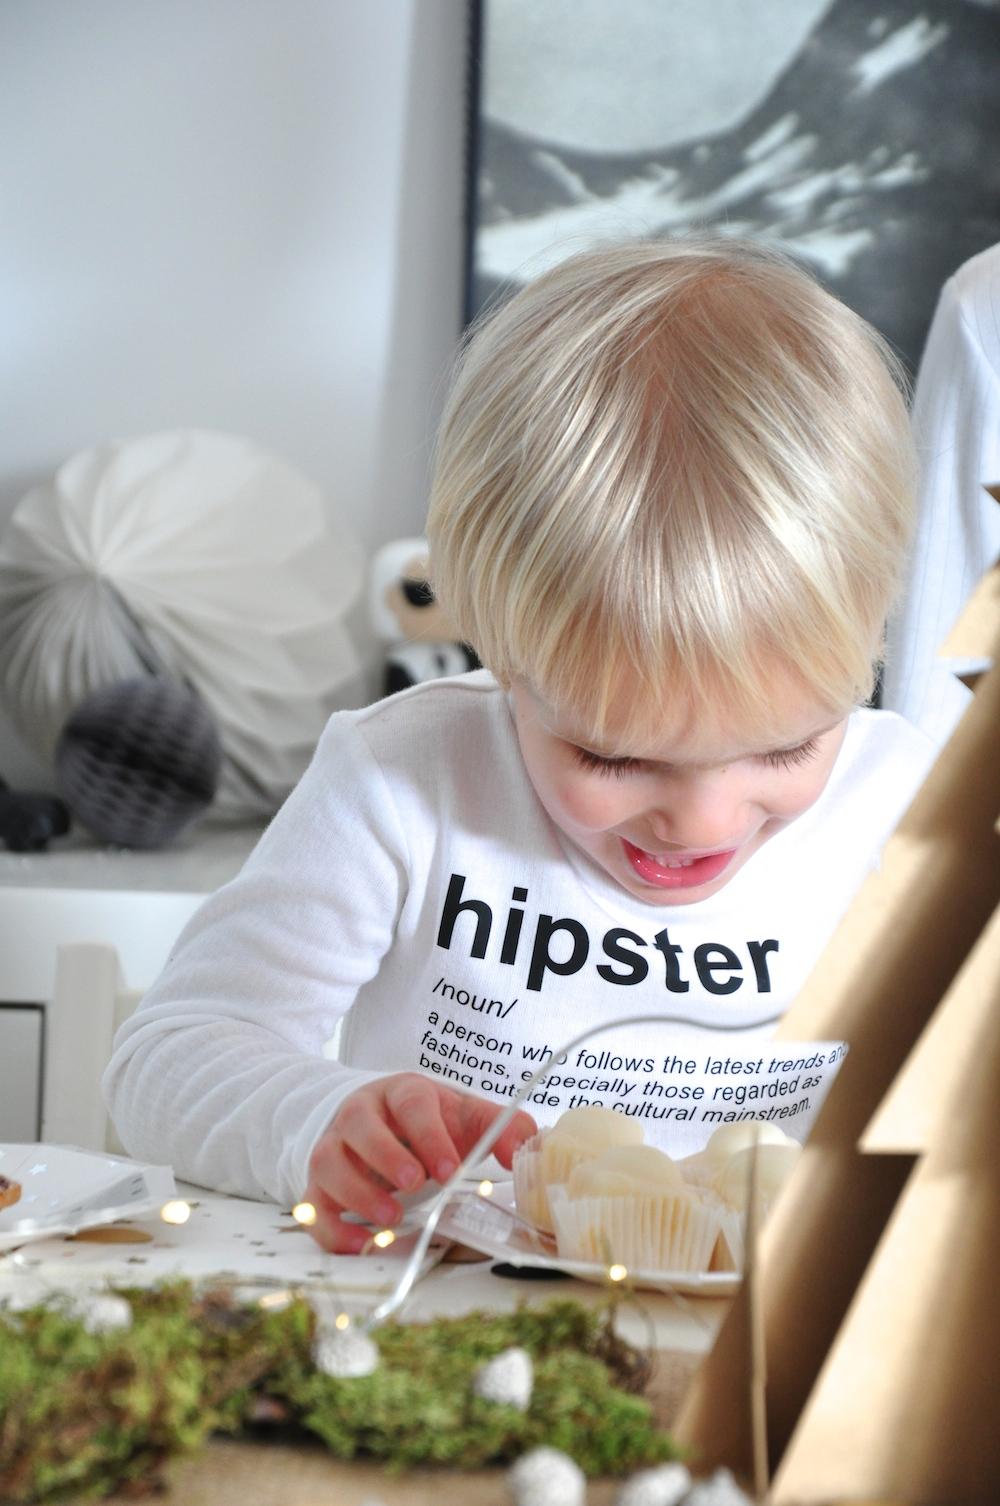 hipster_noun_pyjamas